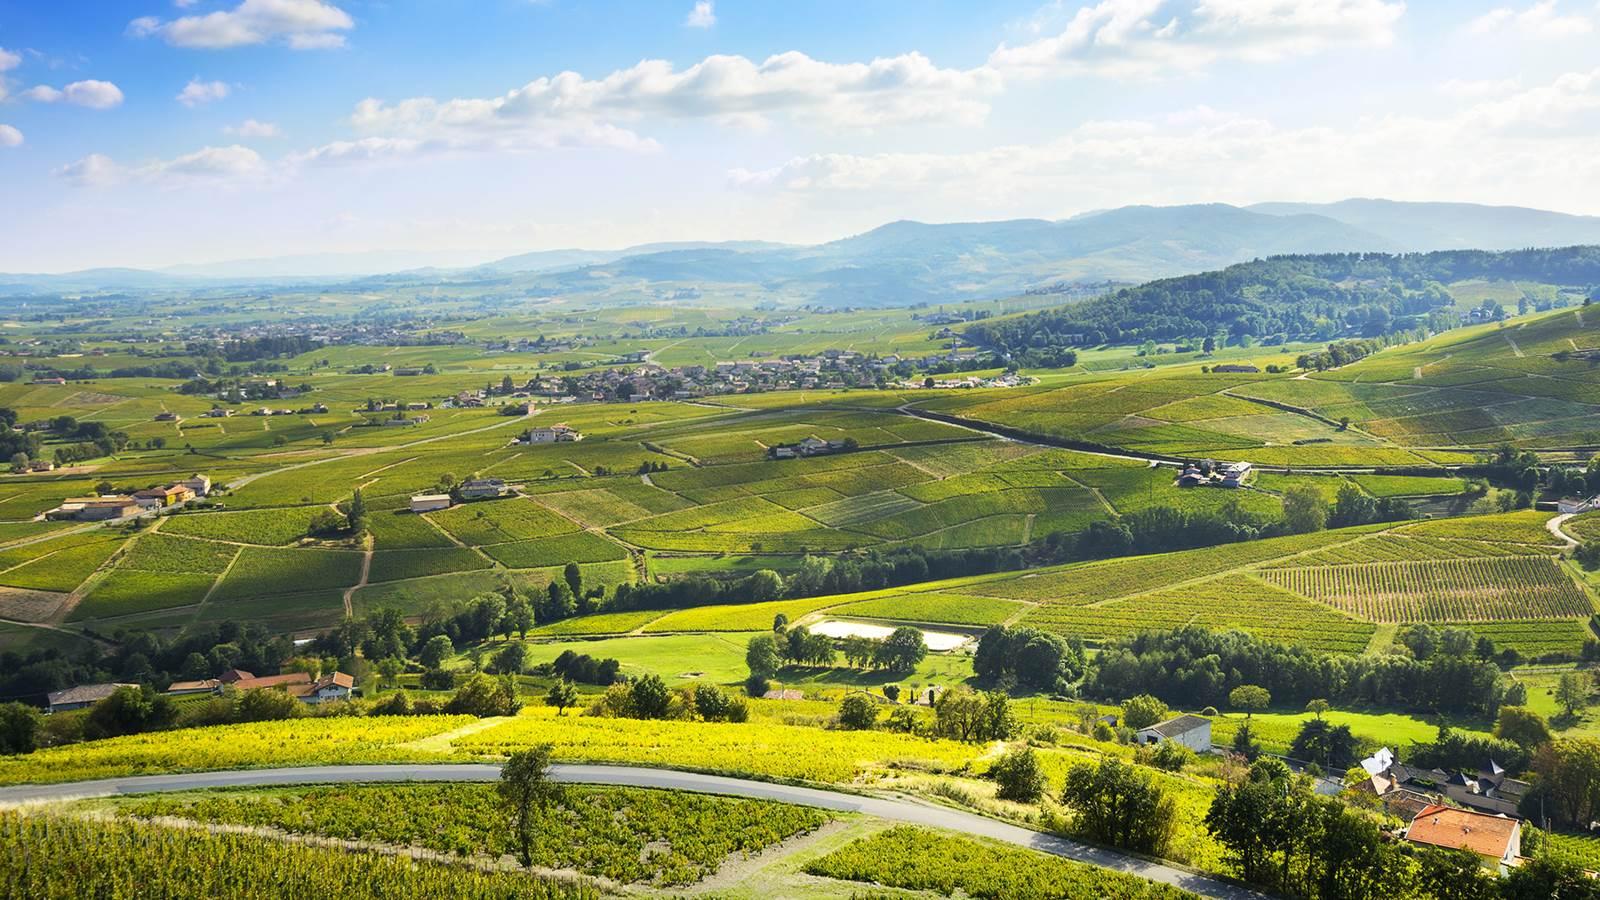 Le Beaujolais, pays de vigne et de villages aux pierres dorées